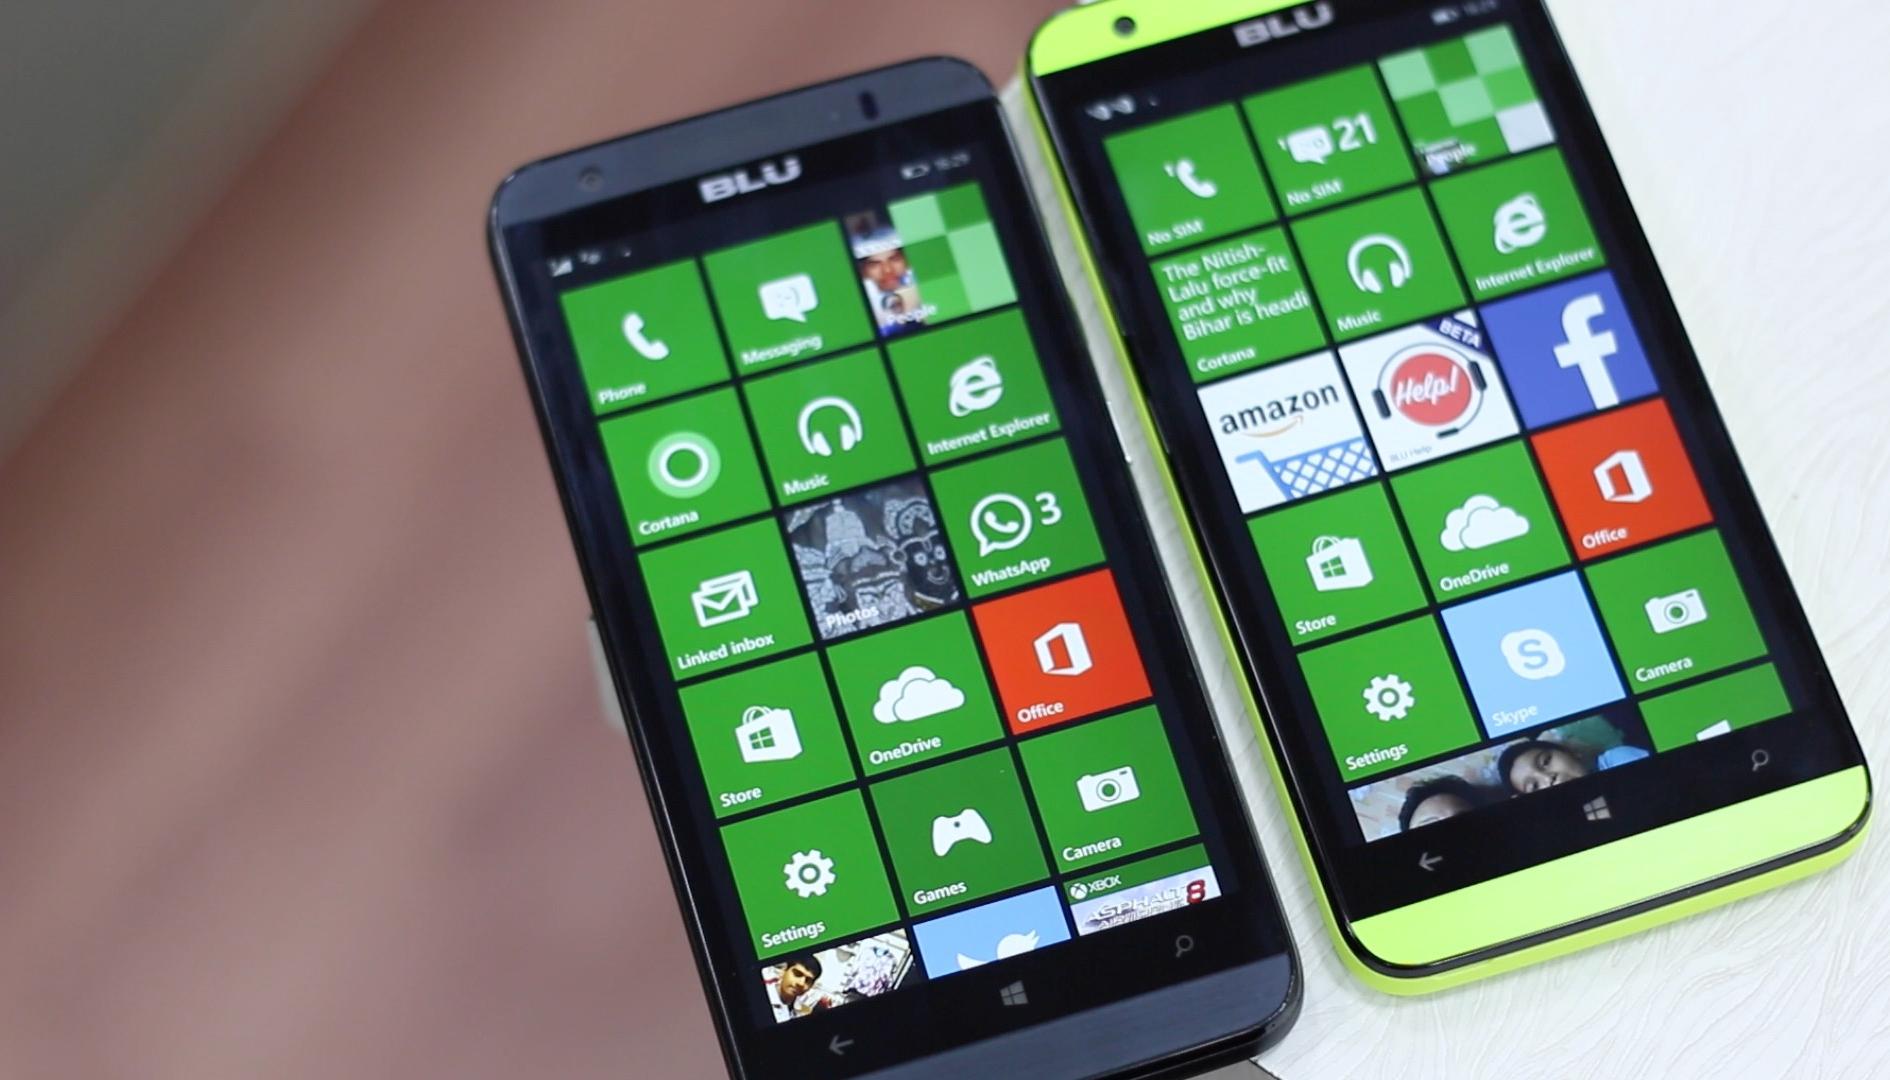 Windows 10 Mobile, prorogata al 14 gennaio 2020 la fine del supporto